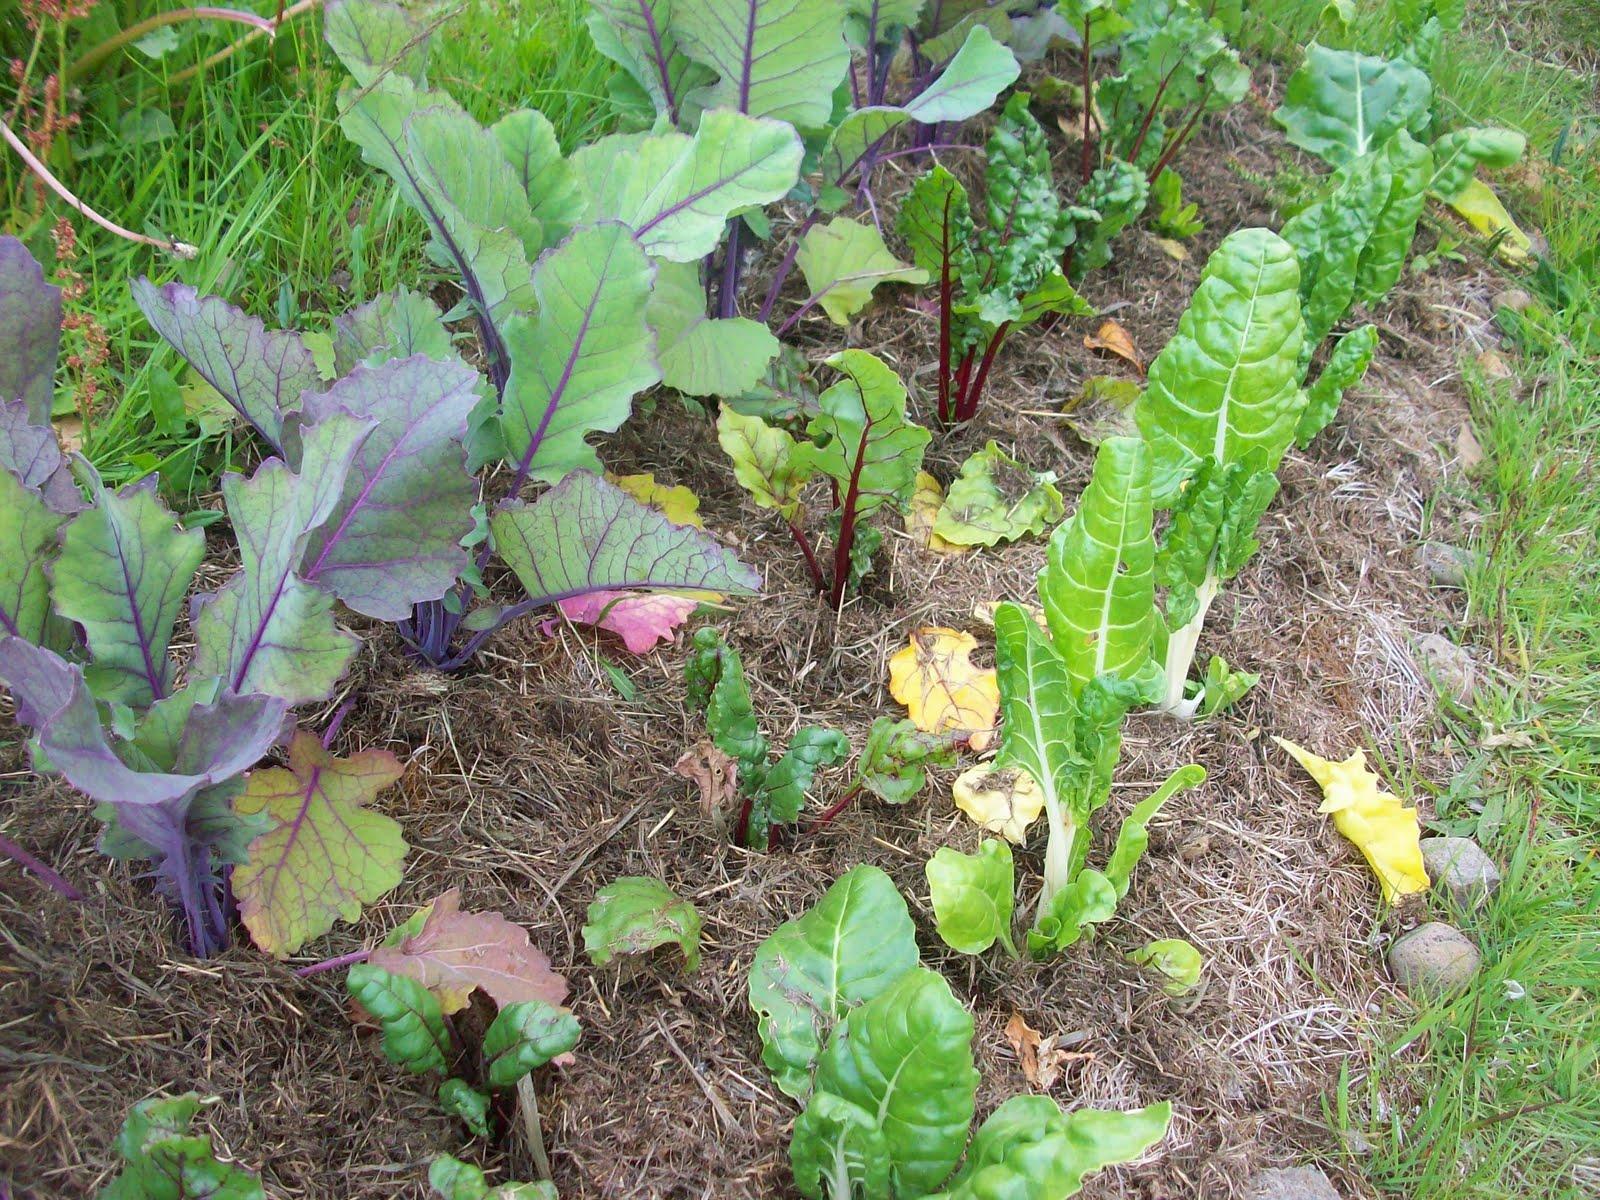 plantas jardim nordeste:Abaixo está a cama com beterrabas, cenouras e cebolas.